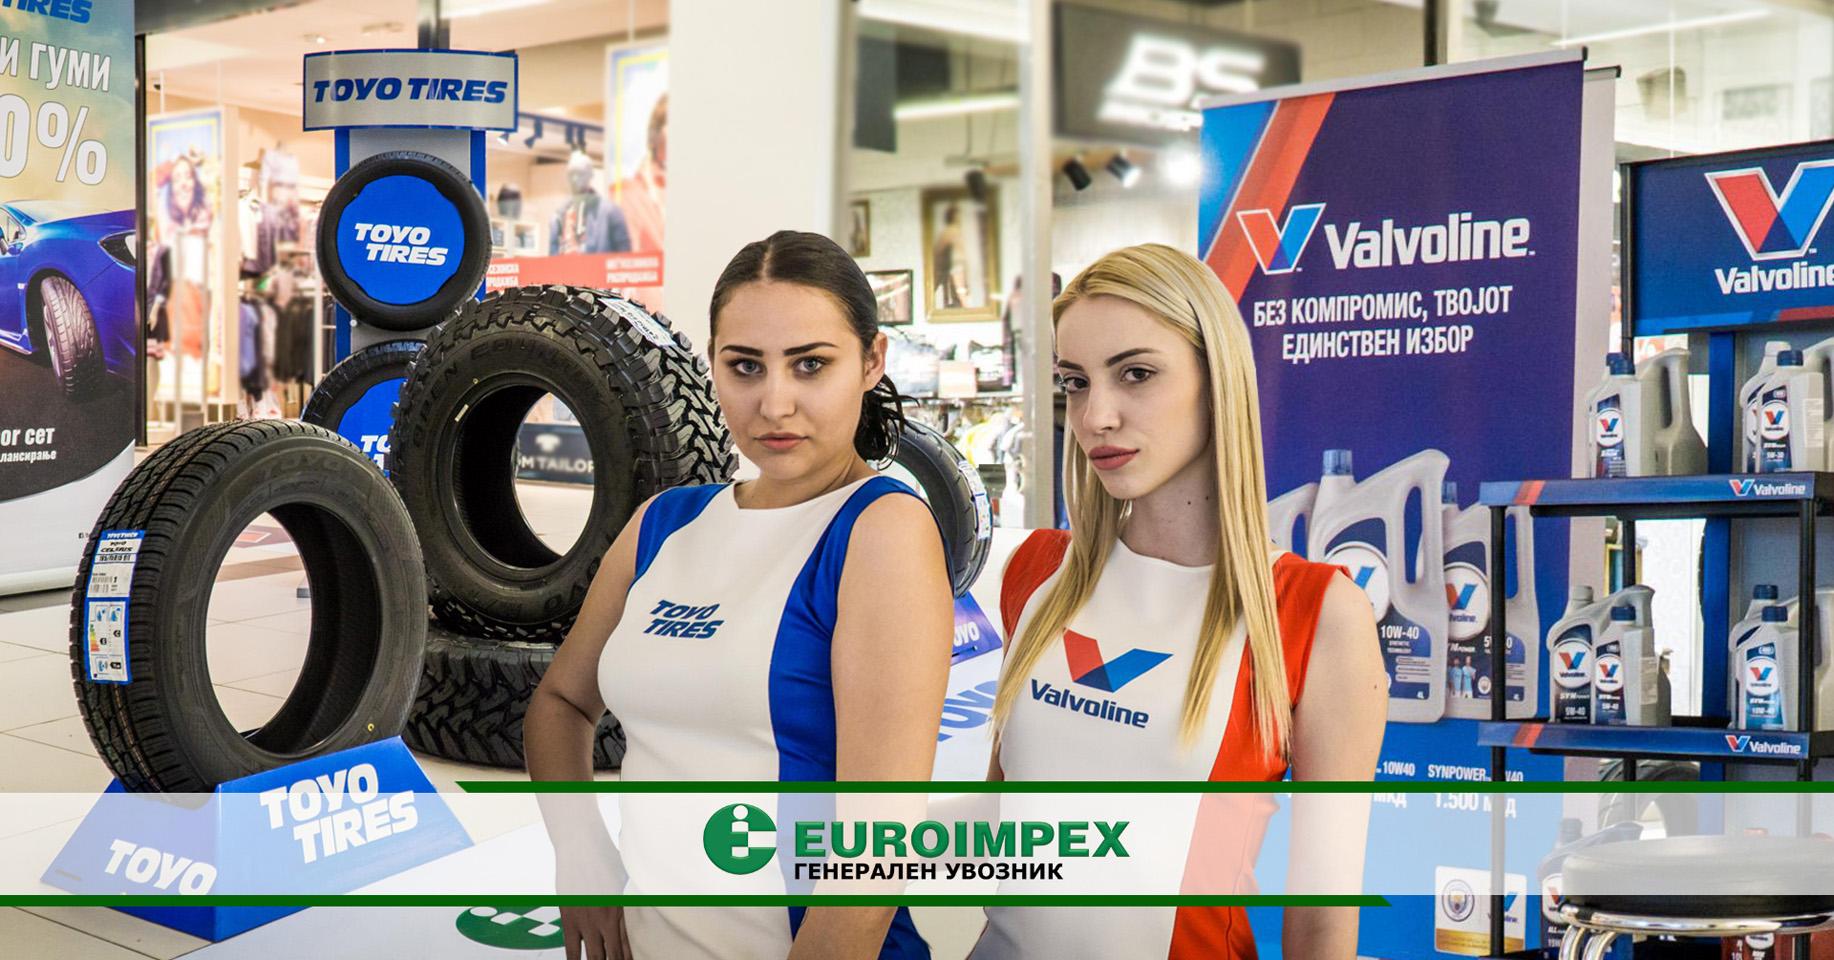 Еуроимпекс со најновите понуди на брендовите Valvoline и Toyo Tires во City Mall